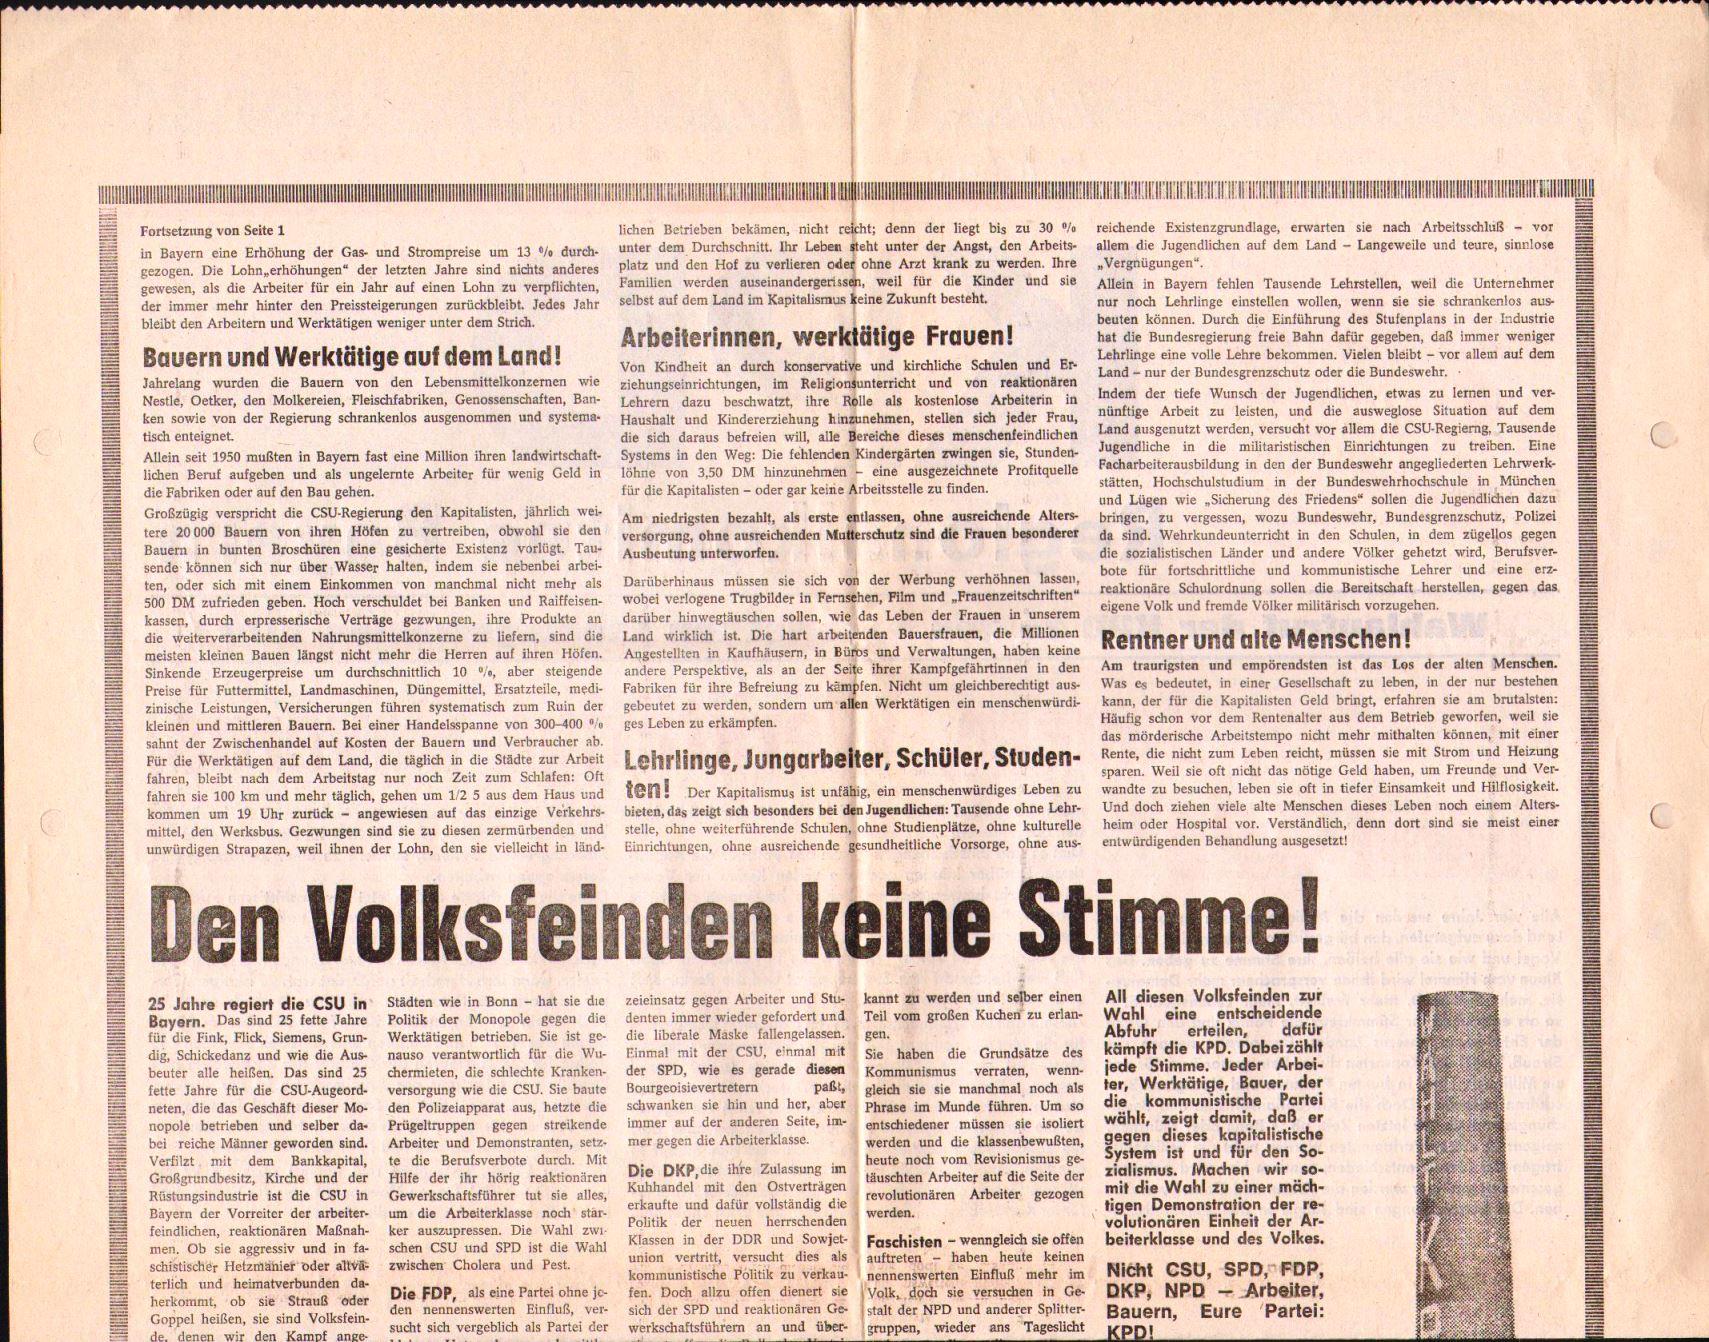 Bayern_KPDAO_1974_Wahlaufruf_03